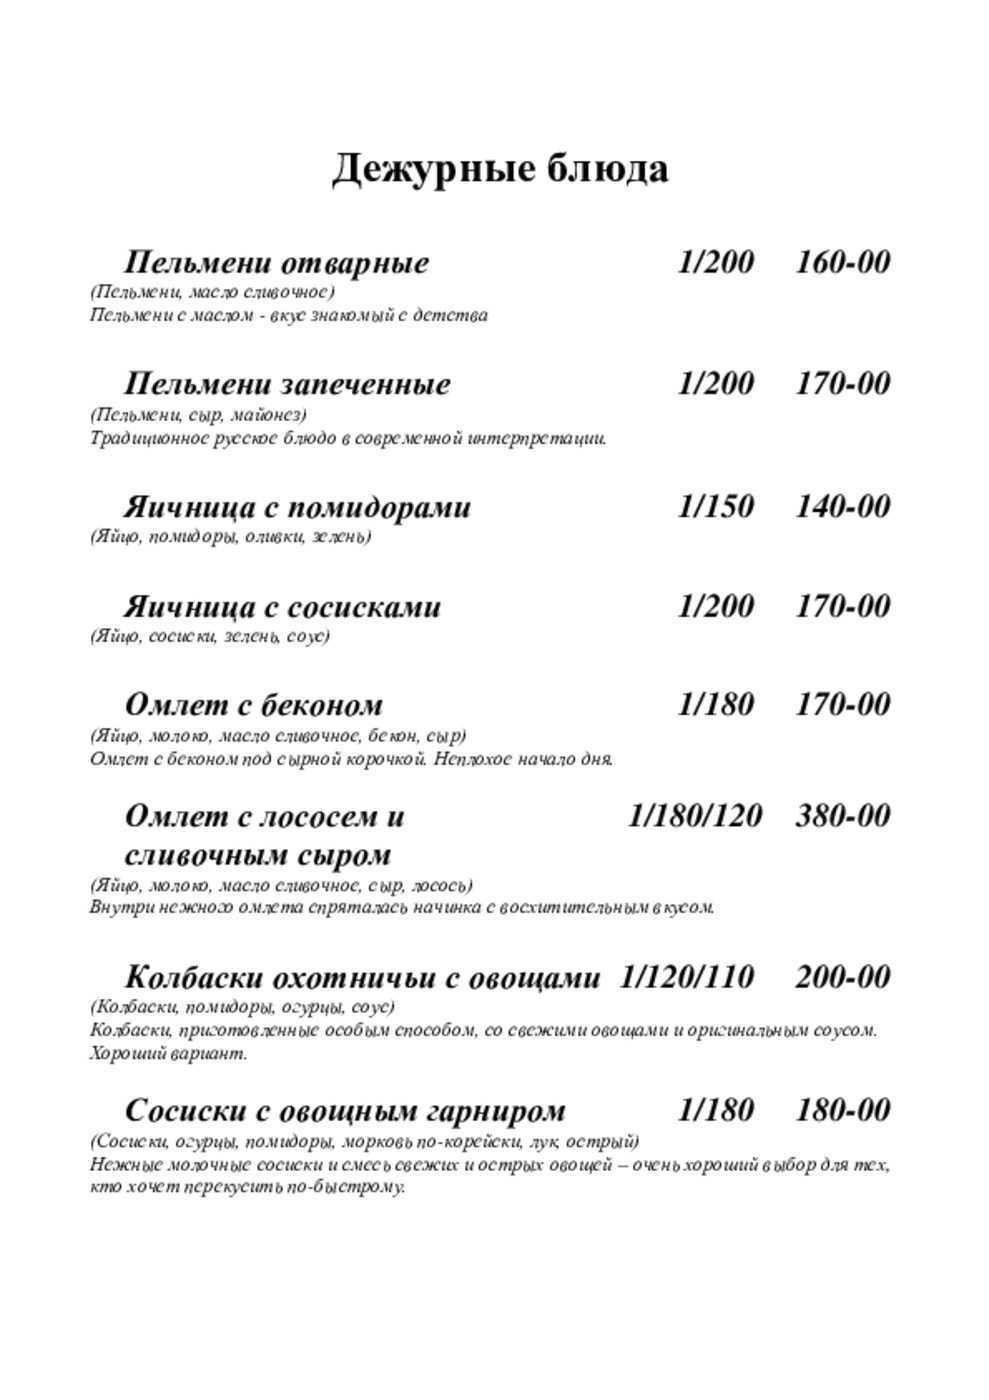 Меню кафе Старый город на улице Достоевского фото 8